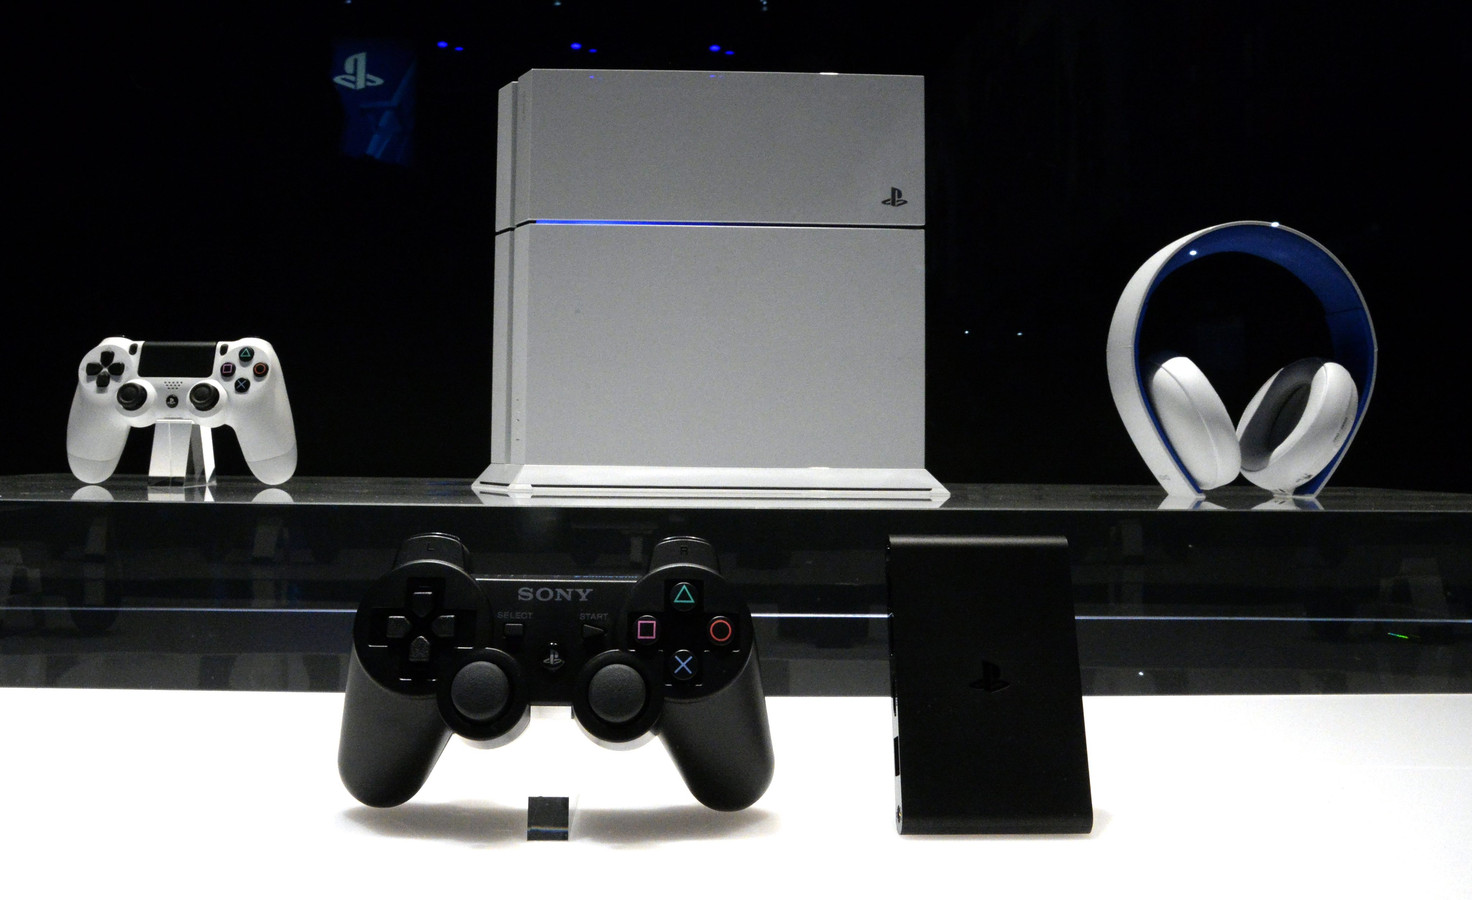 Ondanks de presentatie is het uiterlijk van de nieuwe Playstation nog onbekend.